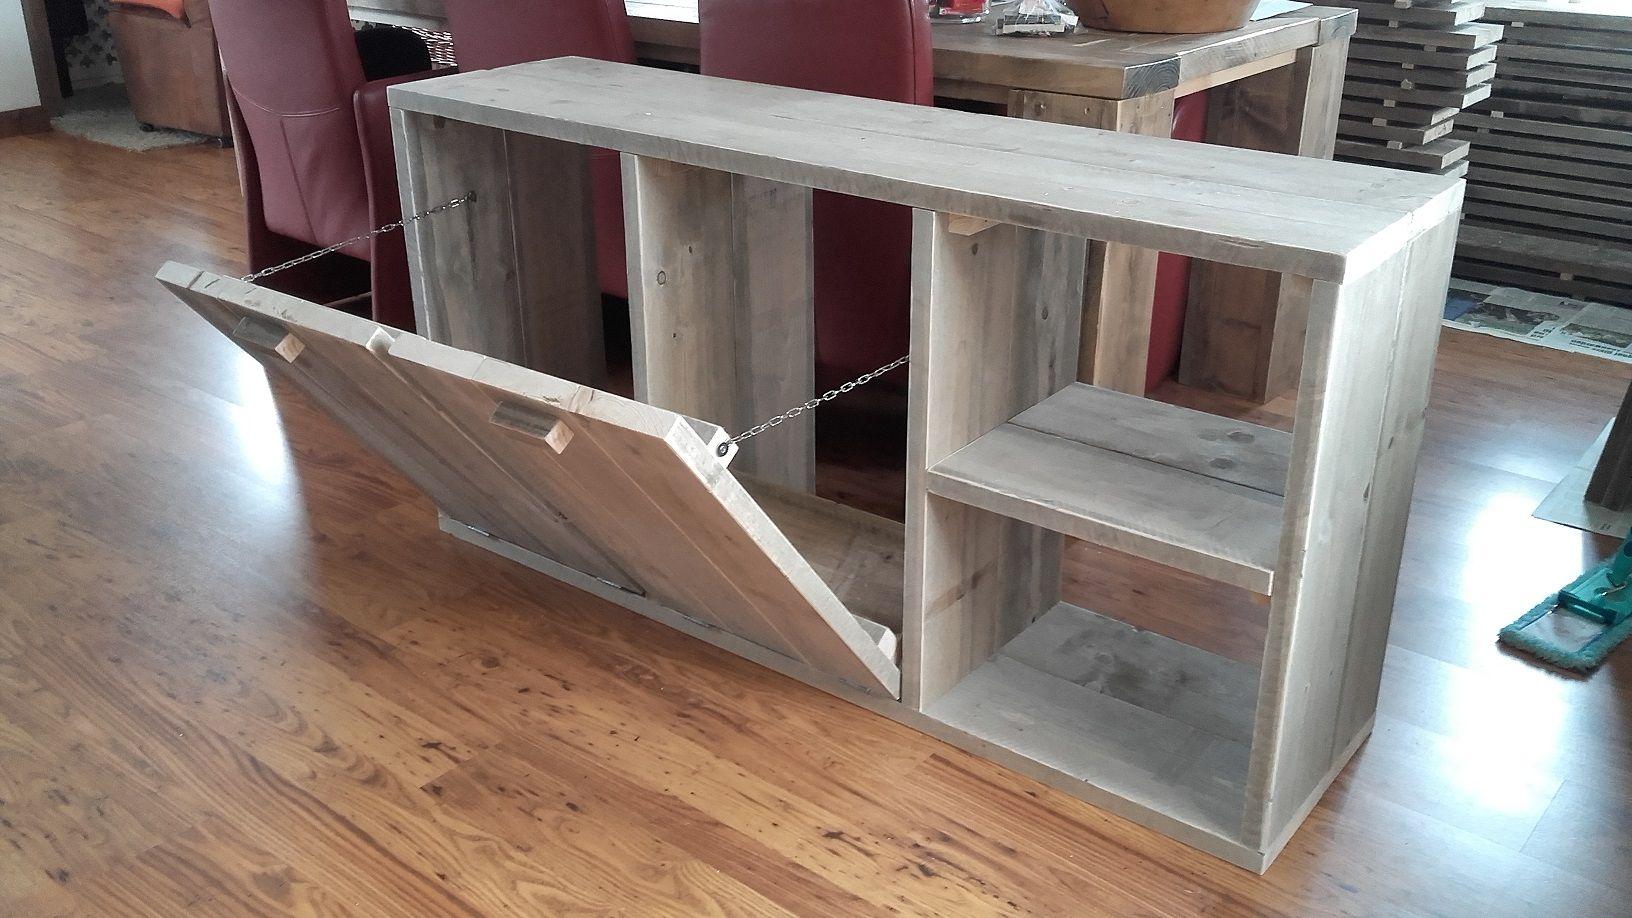 Kast Voor Wasmanden : Rutger graas meubelmaker meubelvormgever projecten kasten